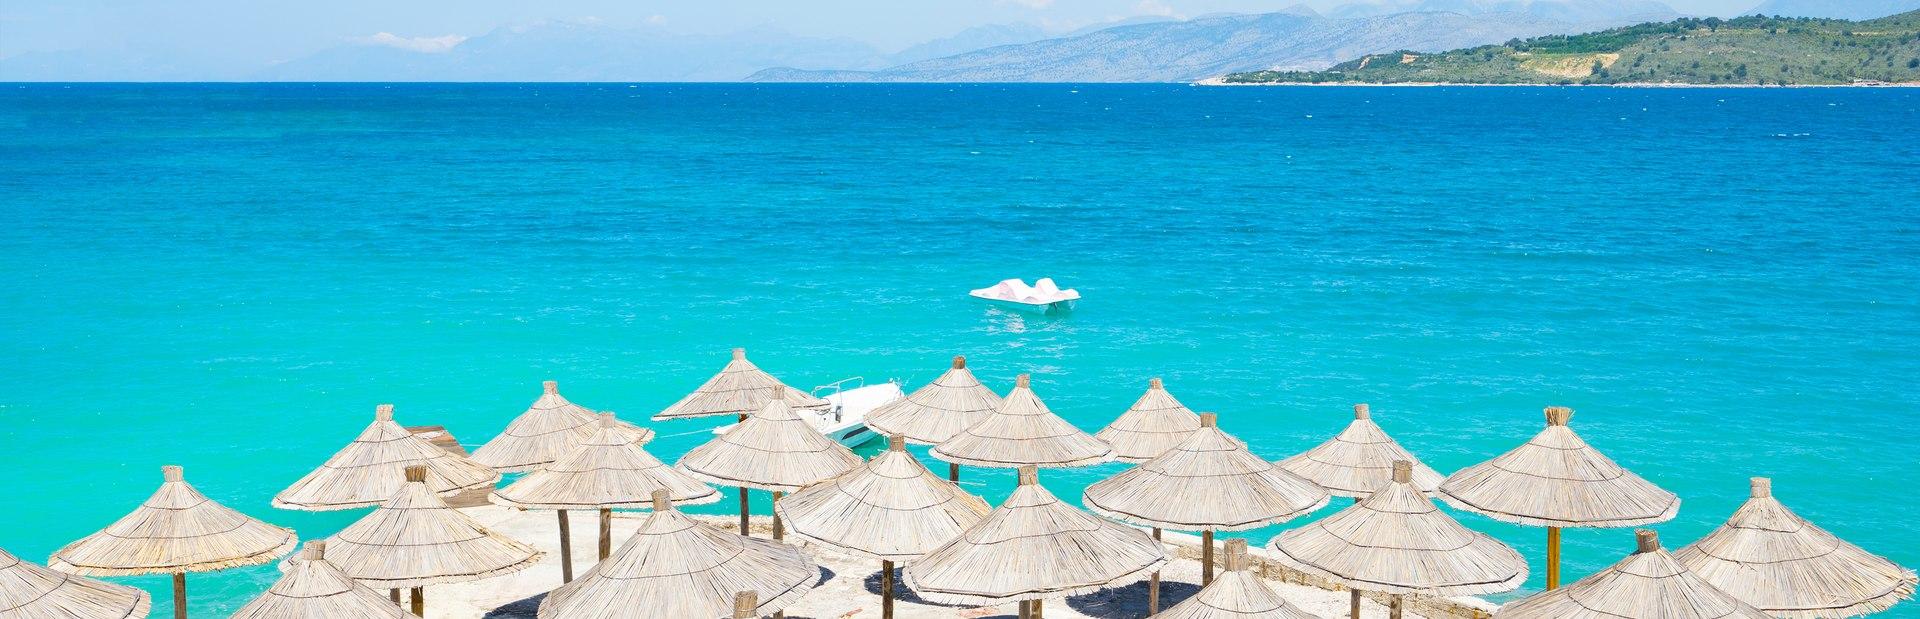 Albania photo tour